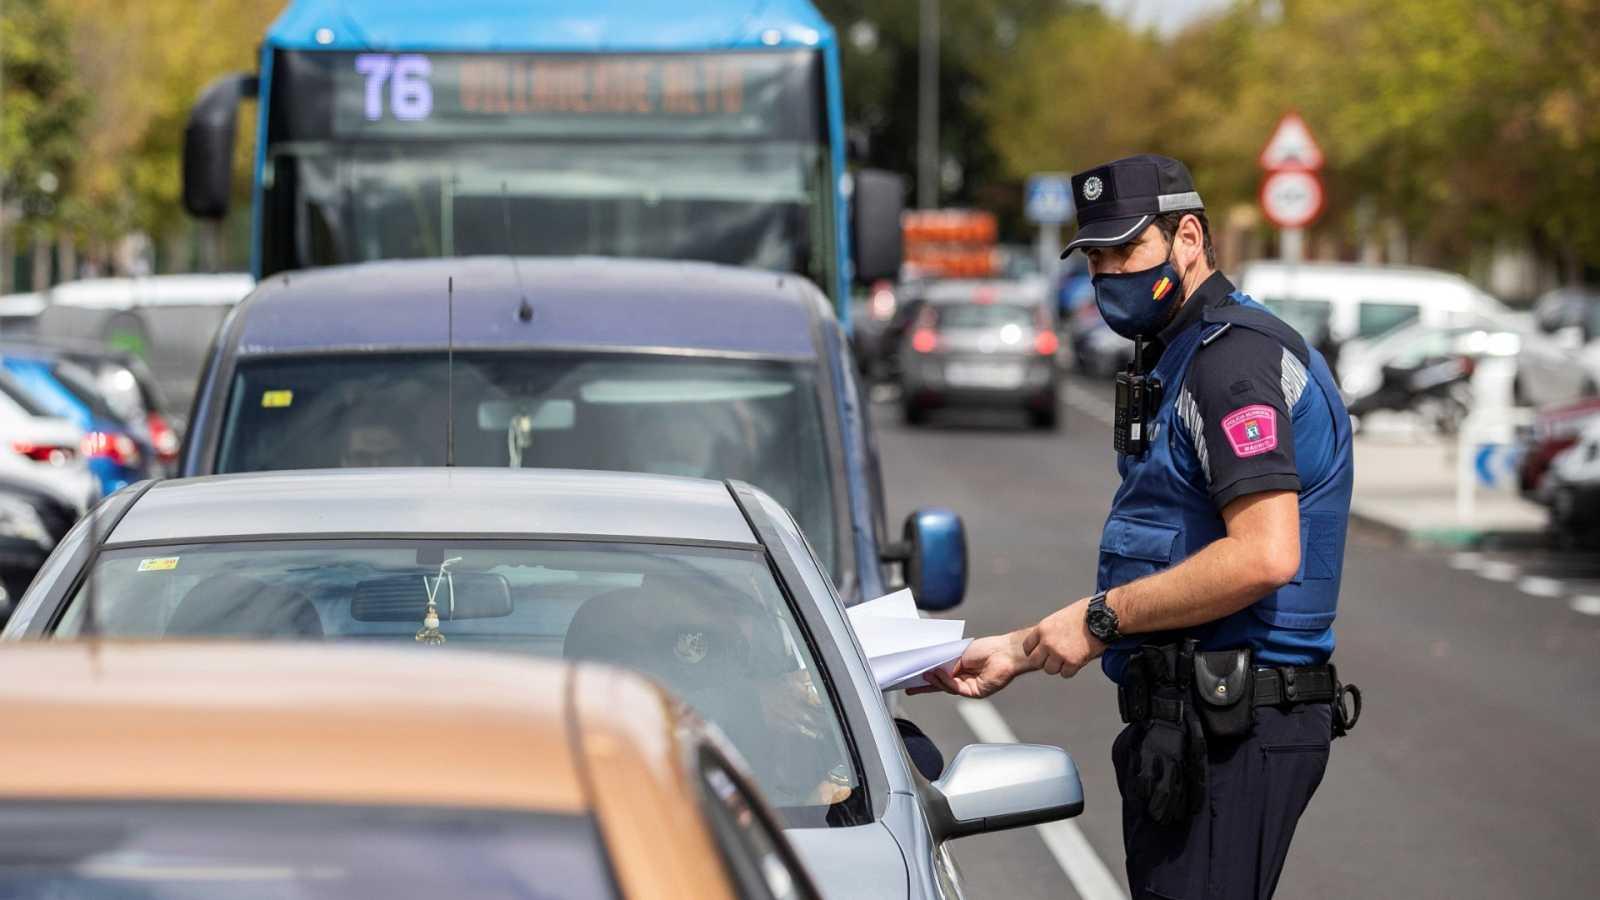 Agentes de la Policía municipal, en tareas de control en el Barrio de Orcasur, en Madrid.